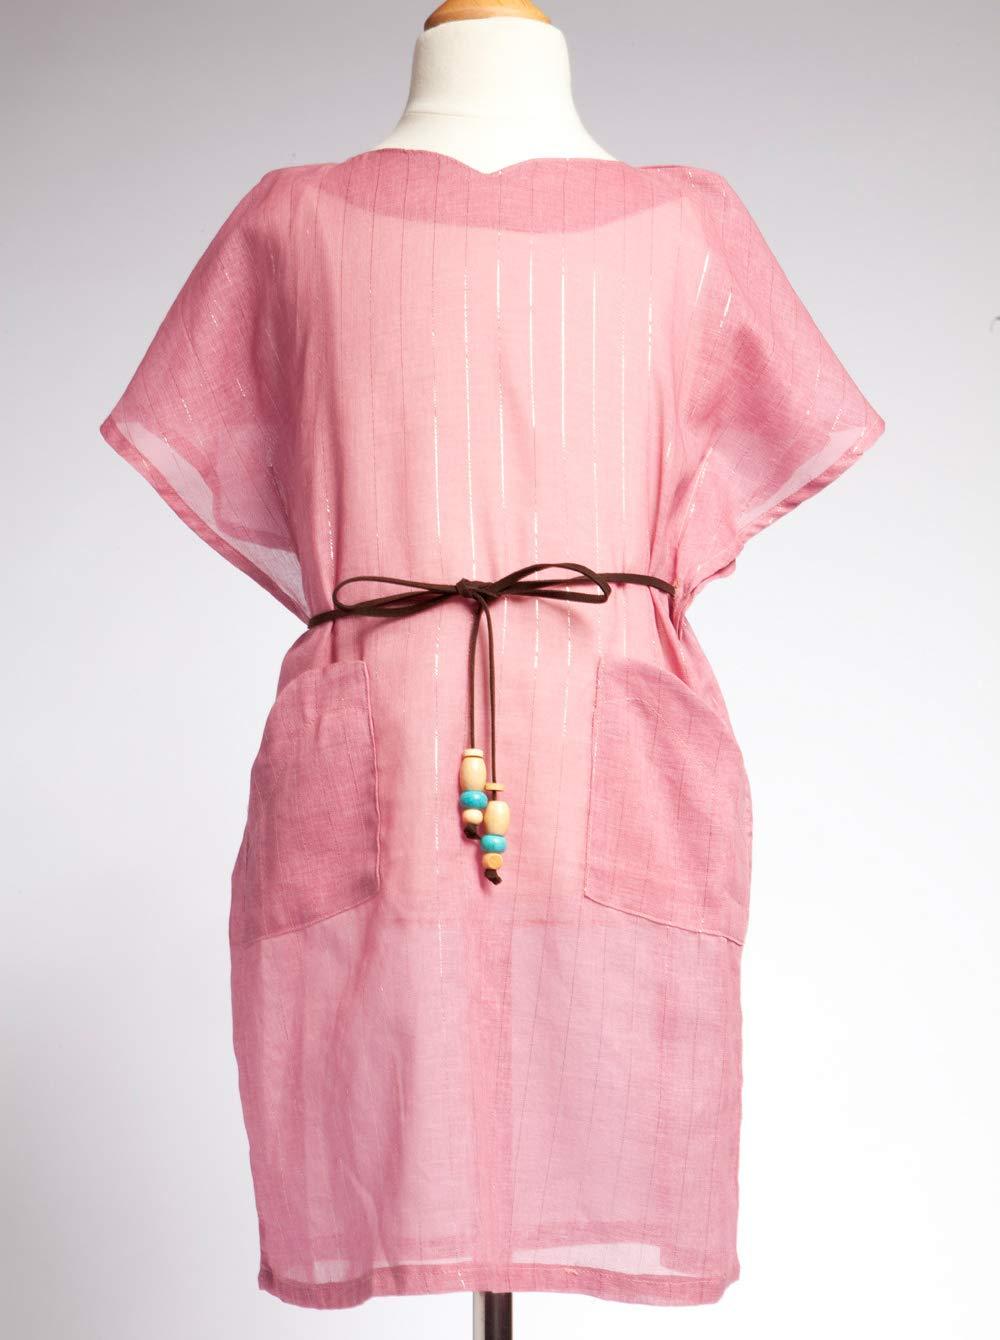 激安正規品 TALC ベビー TALC DRESS ピンク PINK 6Y DRESS ピンク 6Y TALC ピンク B07HYLW899, ガローオンライン:8756df0a --- martinemoeykens.com